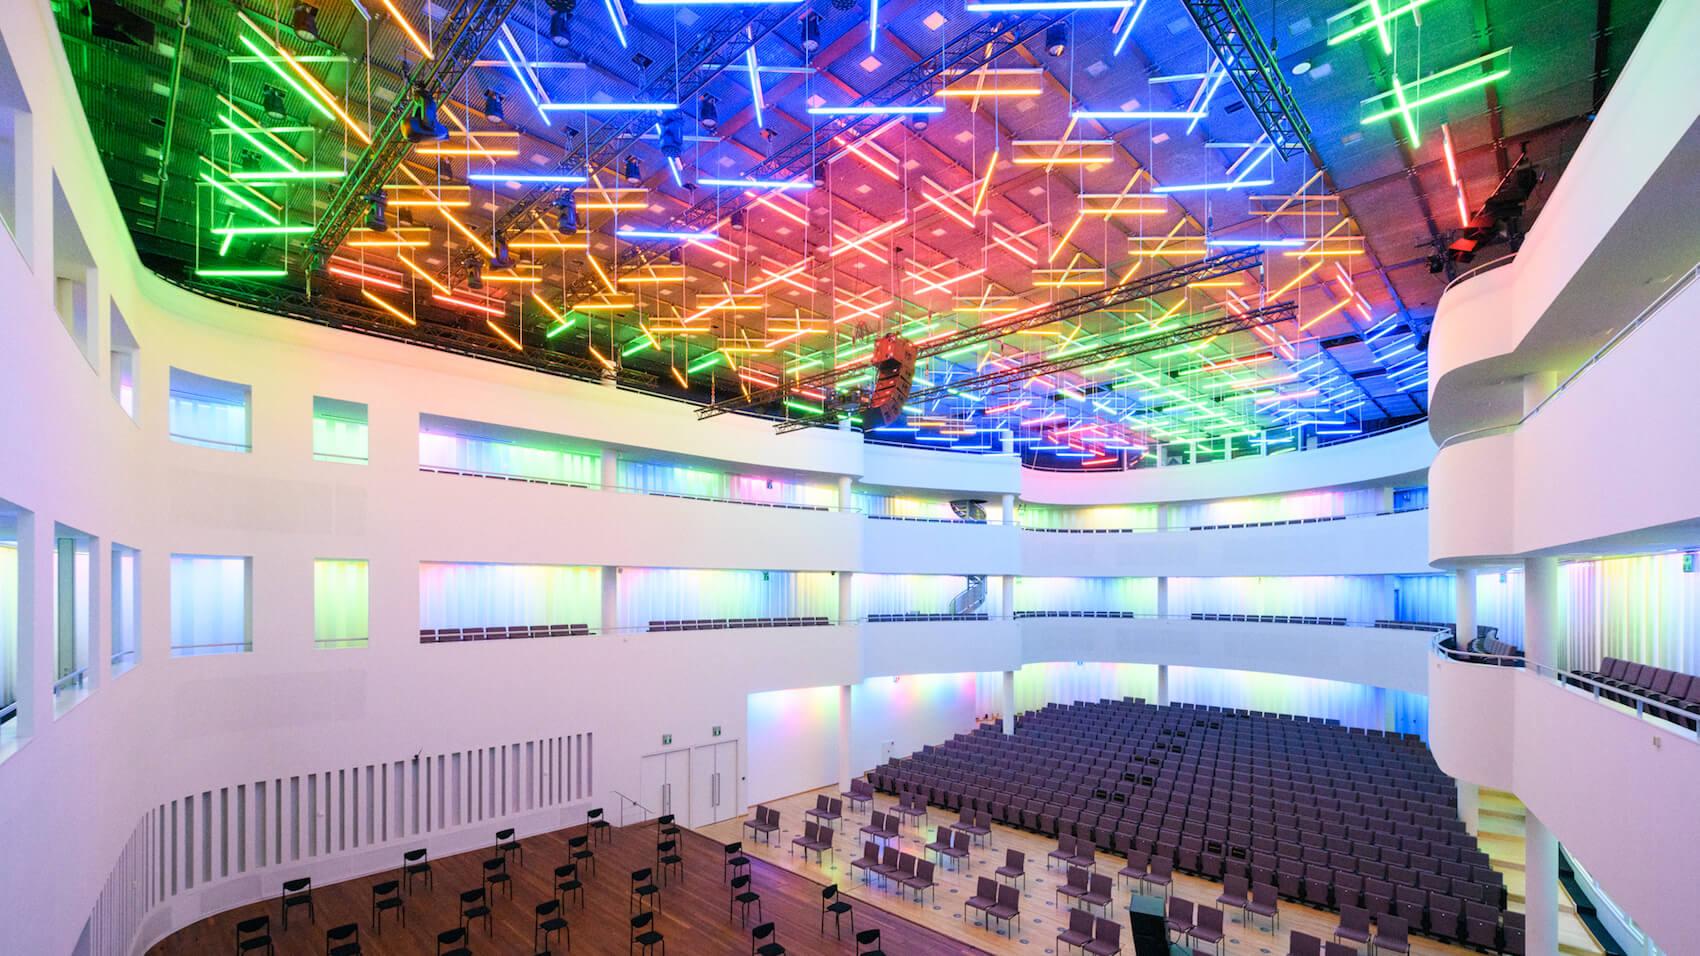 Lichtkunstwerk Concertzaal